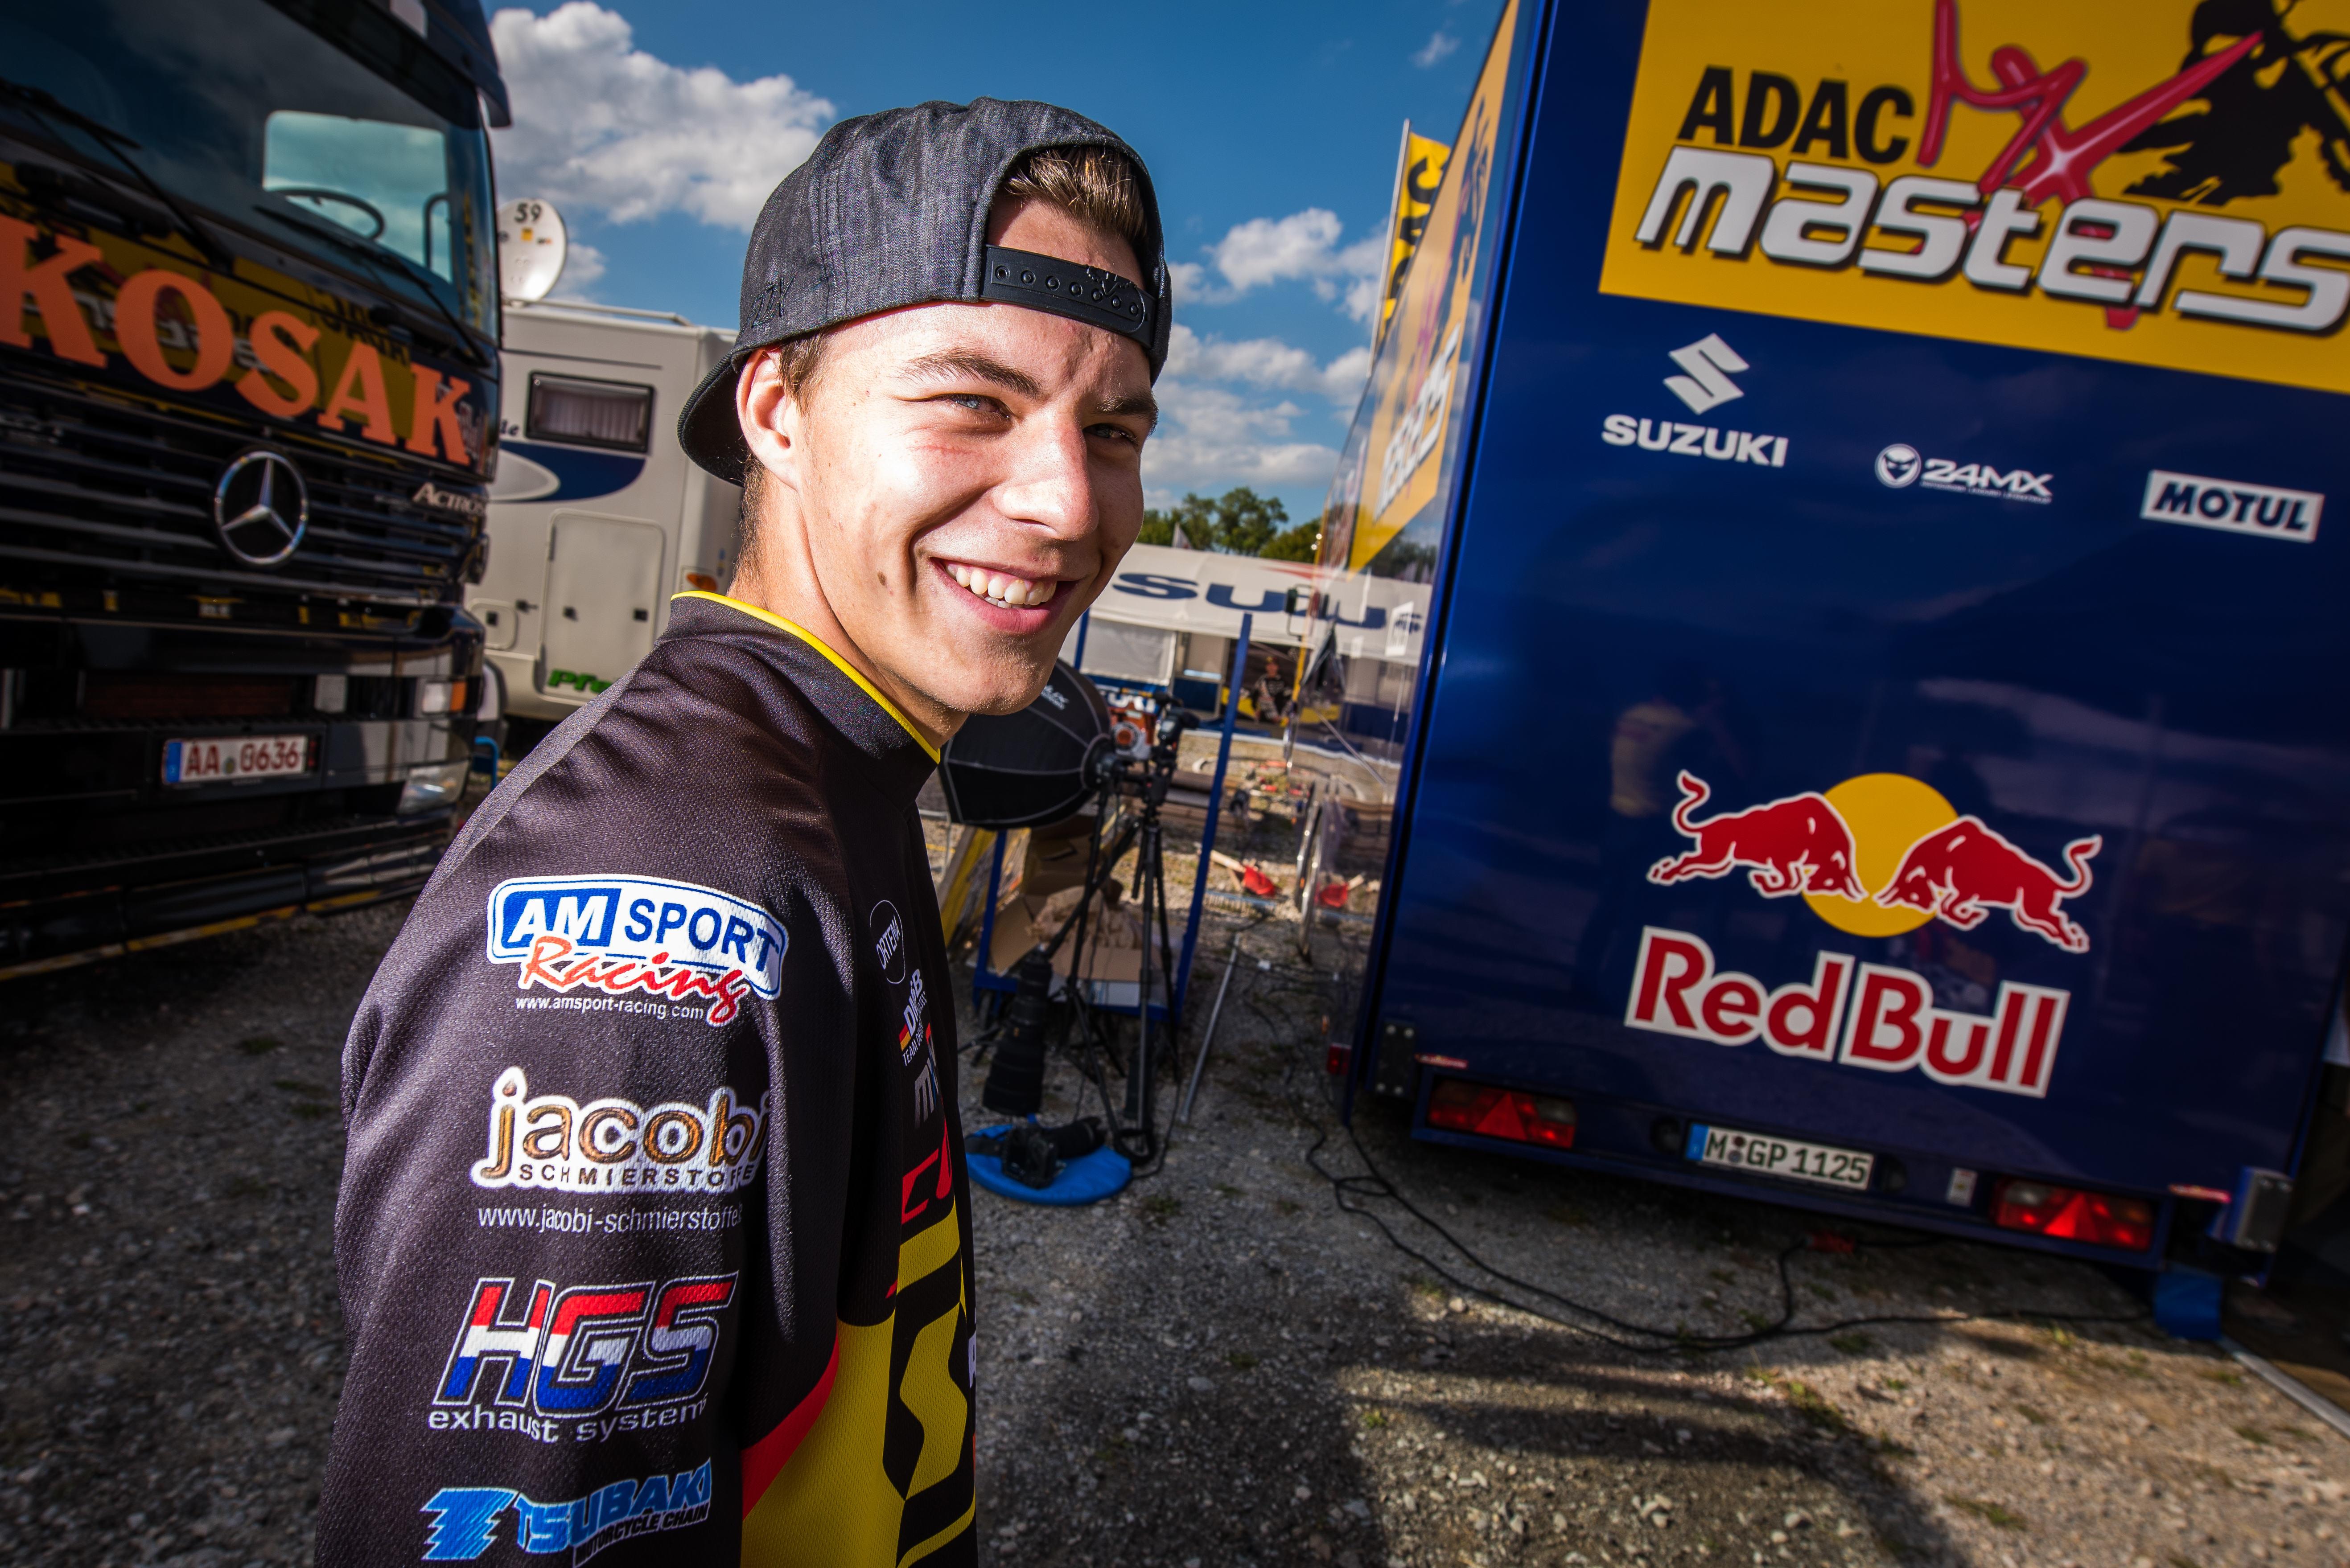 Jacobi kämpft sich trotz Handicap durch zwei Rennen